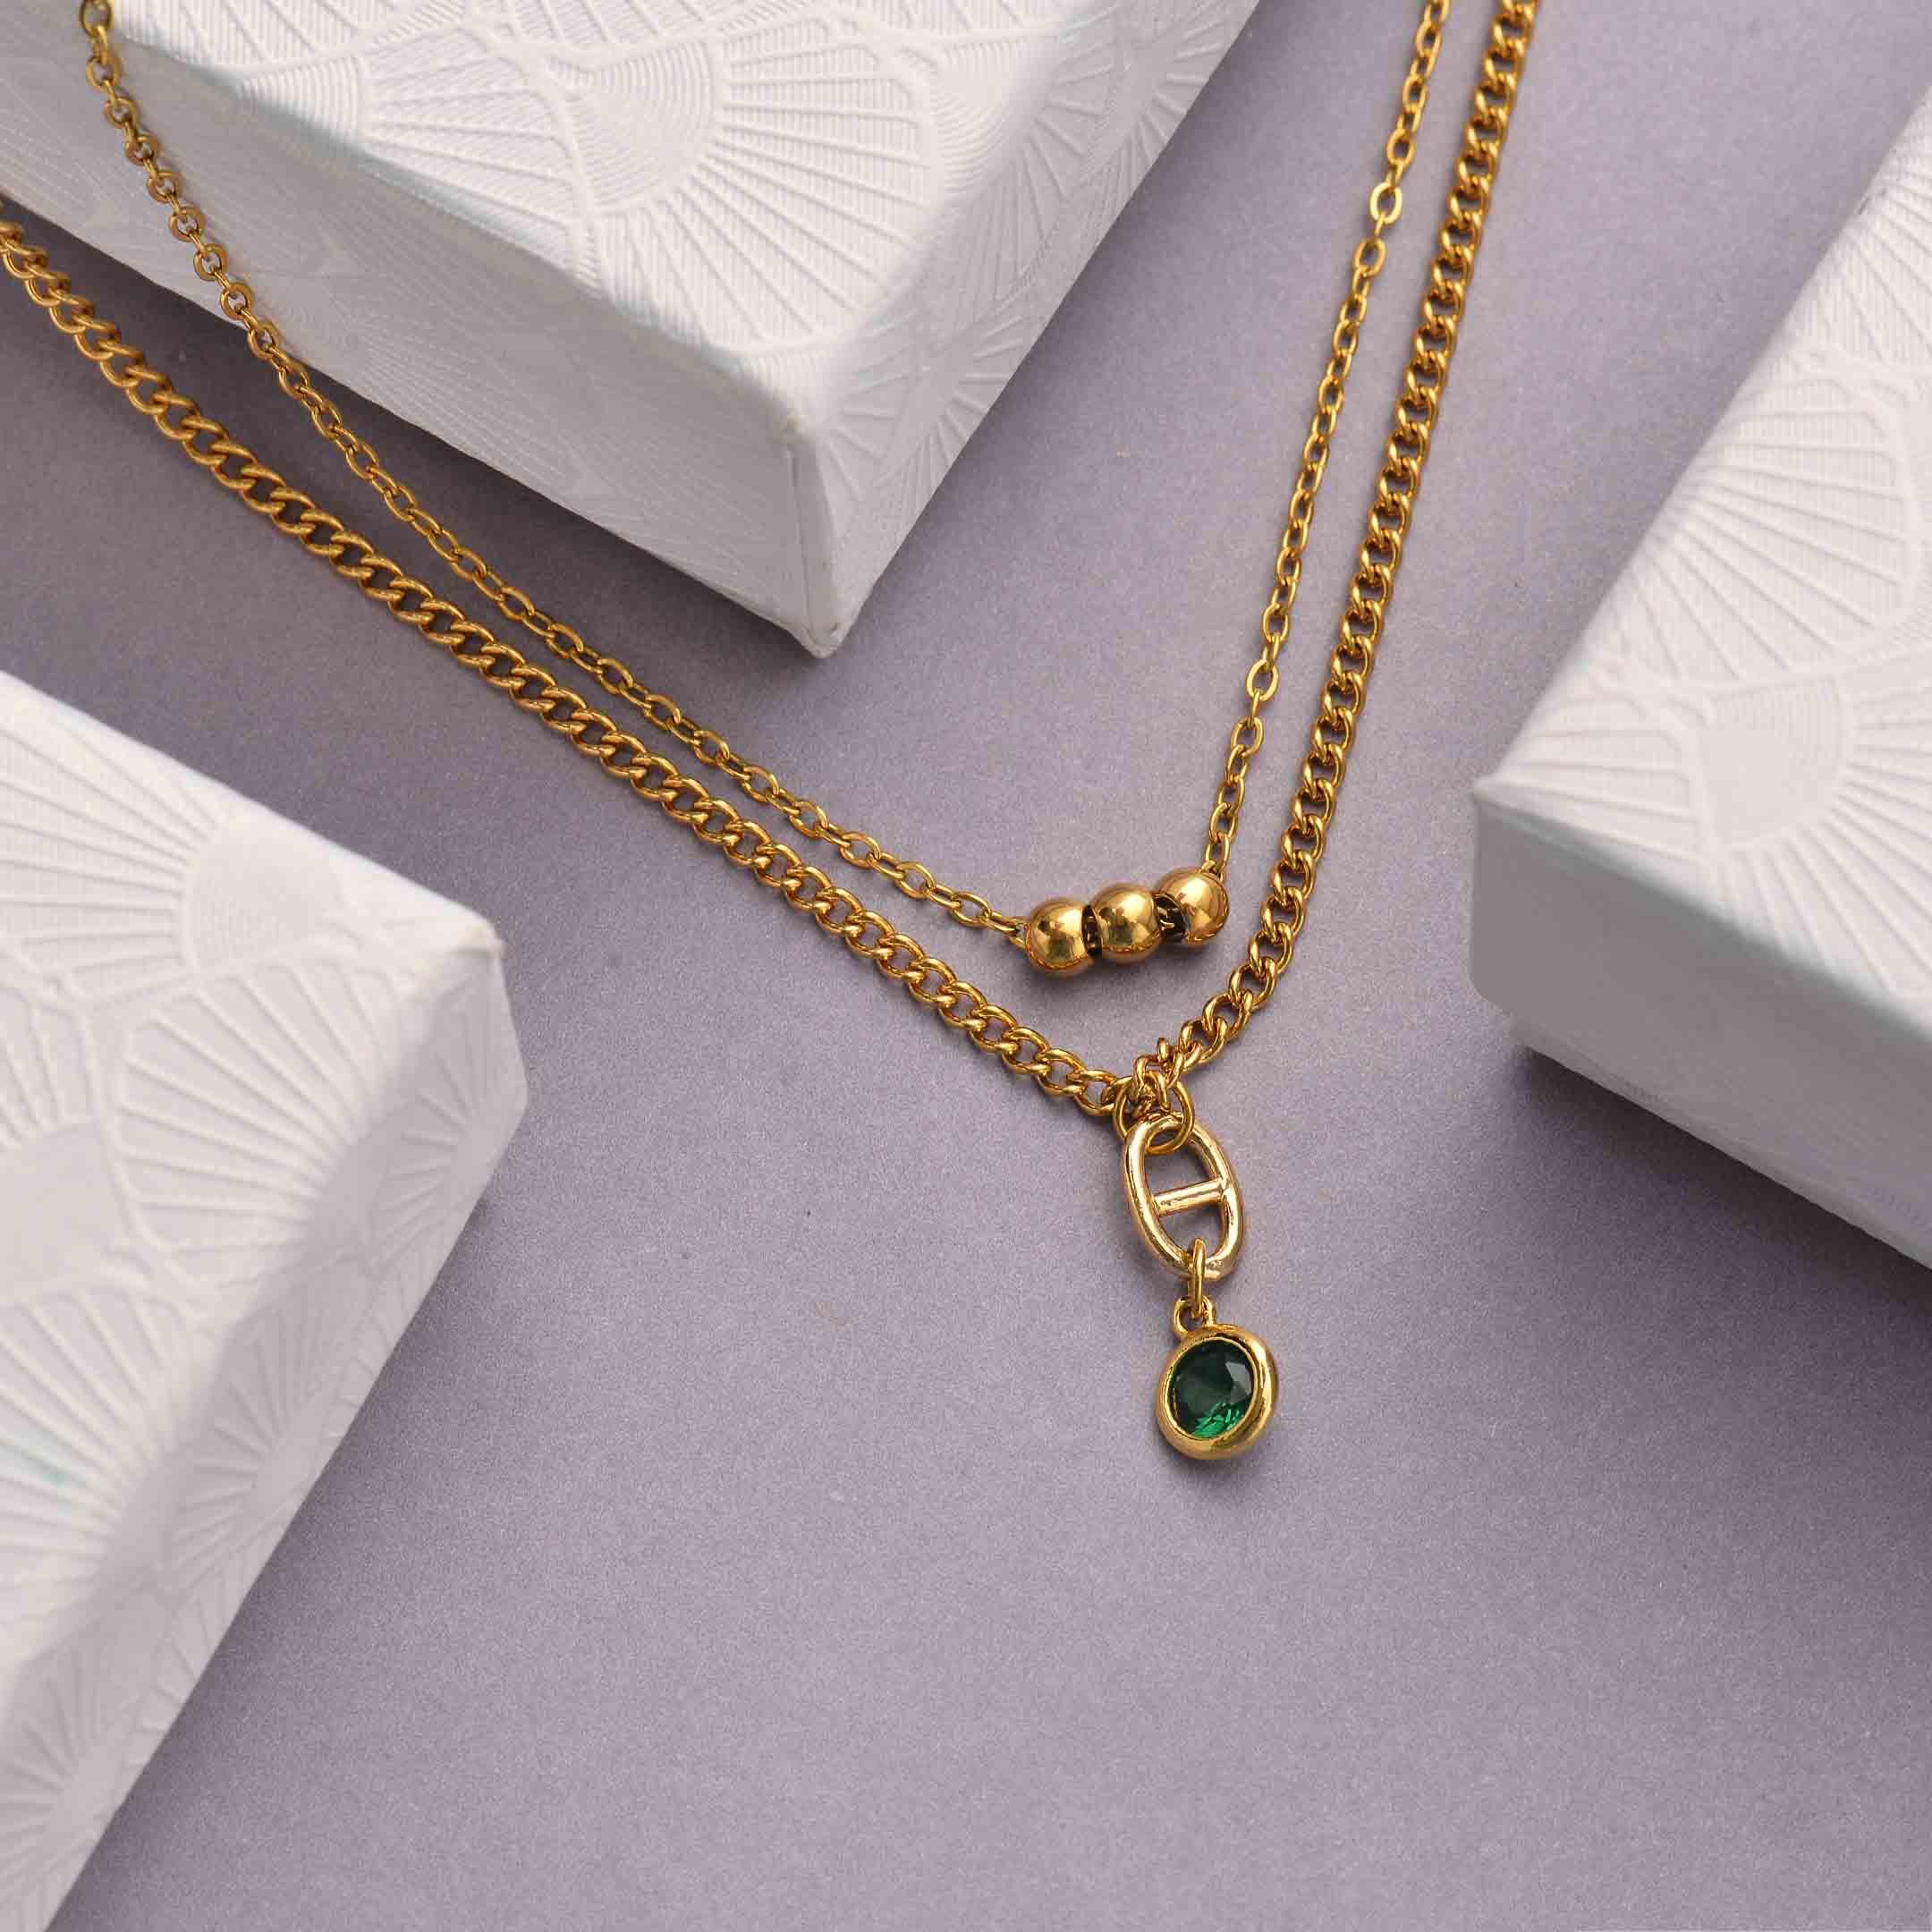 Collares de Acero Inoxidable para Mujer al por Mayor -SSNEG142-33806